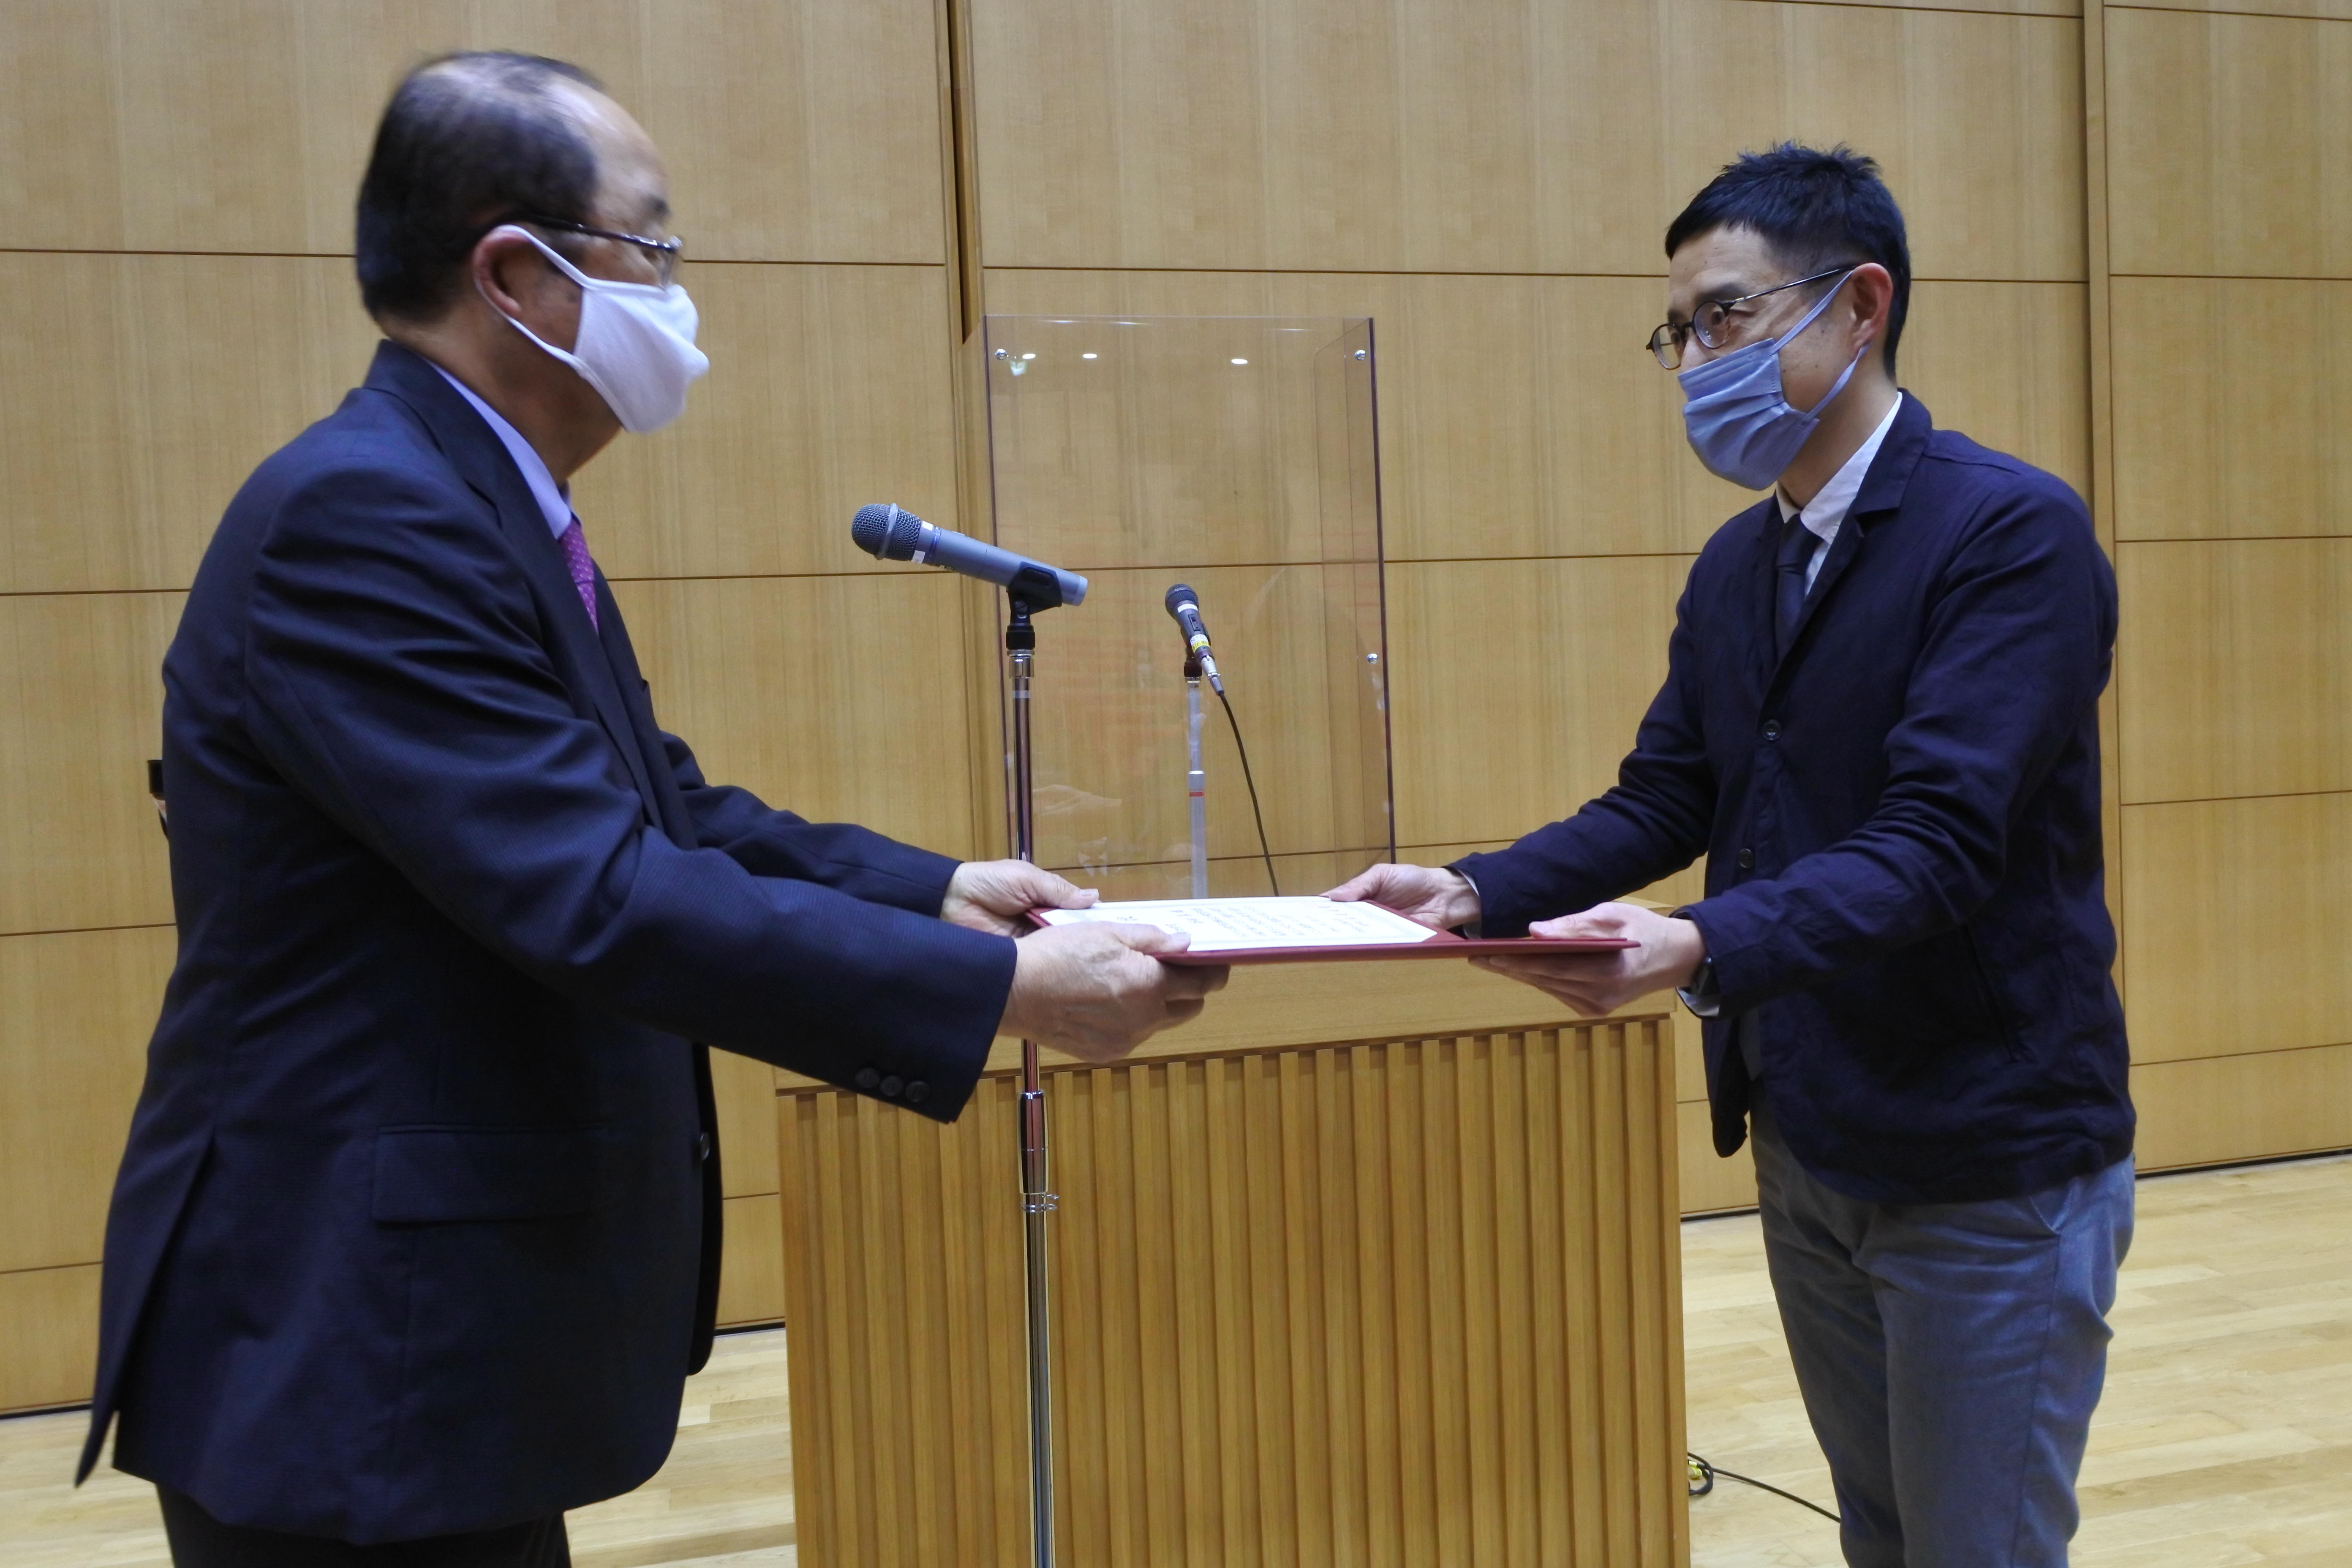 立花貞司理事長(左)から表彰を受ける谷田真准教授